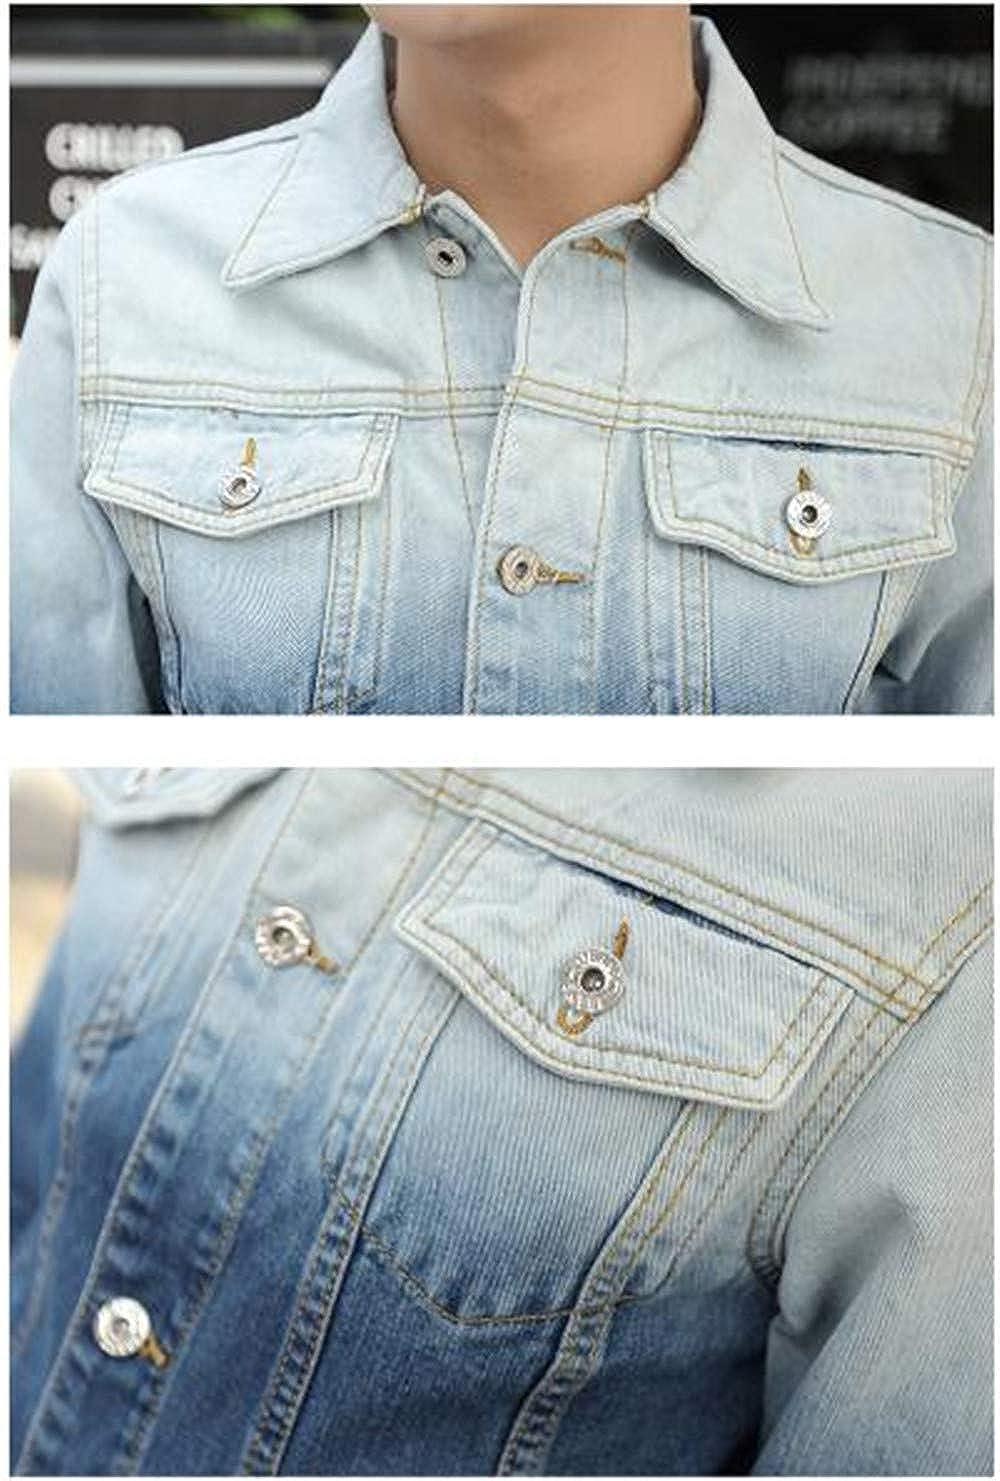 bluee dffg455u dffg455u dffg455u Men's Slim Denim Men's Casual Denim Jacket 6aa36d